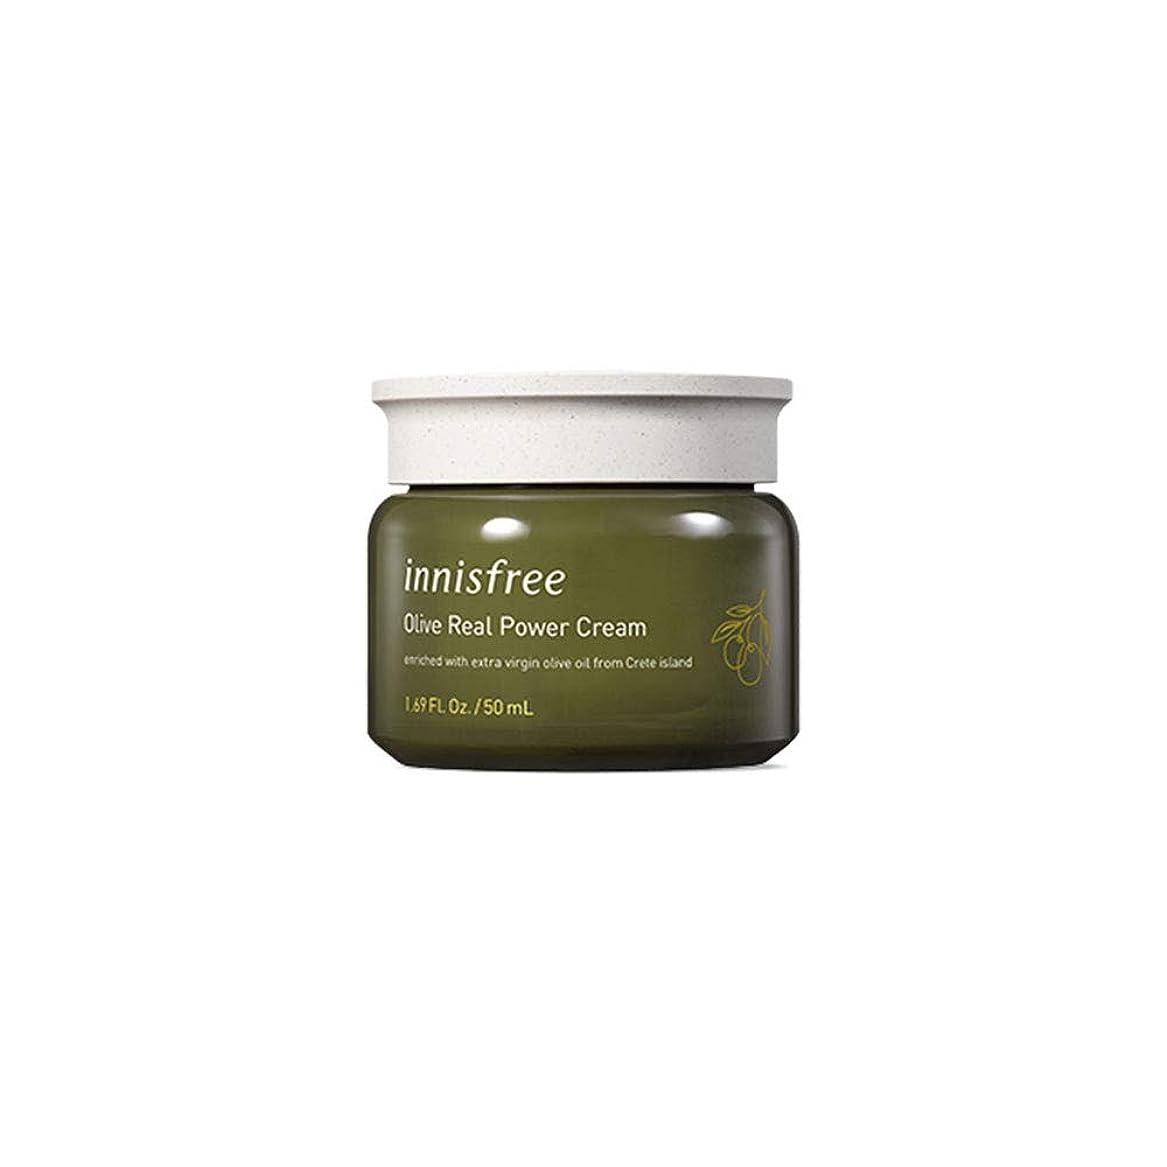 橋推測主張[イニスフリー] Innisfree オリーブリアル パワークリーム(50ml) Innisfree Olive Real Power Cream(50ml)  [海外直送品]